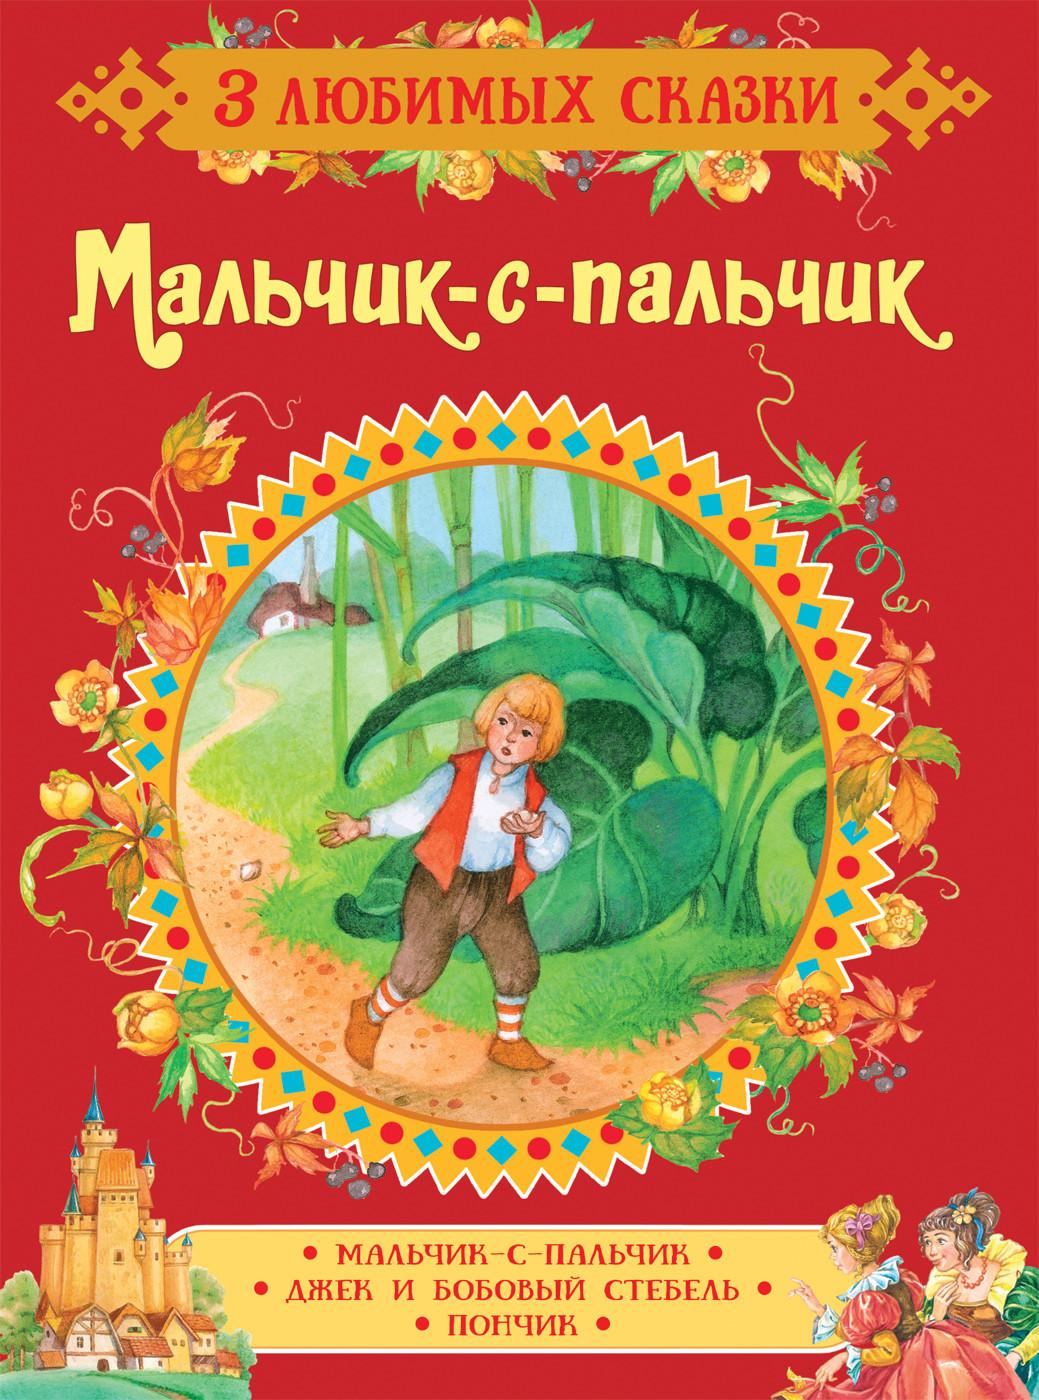 Гримм В. и Я. Мальчик-с-пальчик. Сказки (3 любимых сказки)